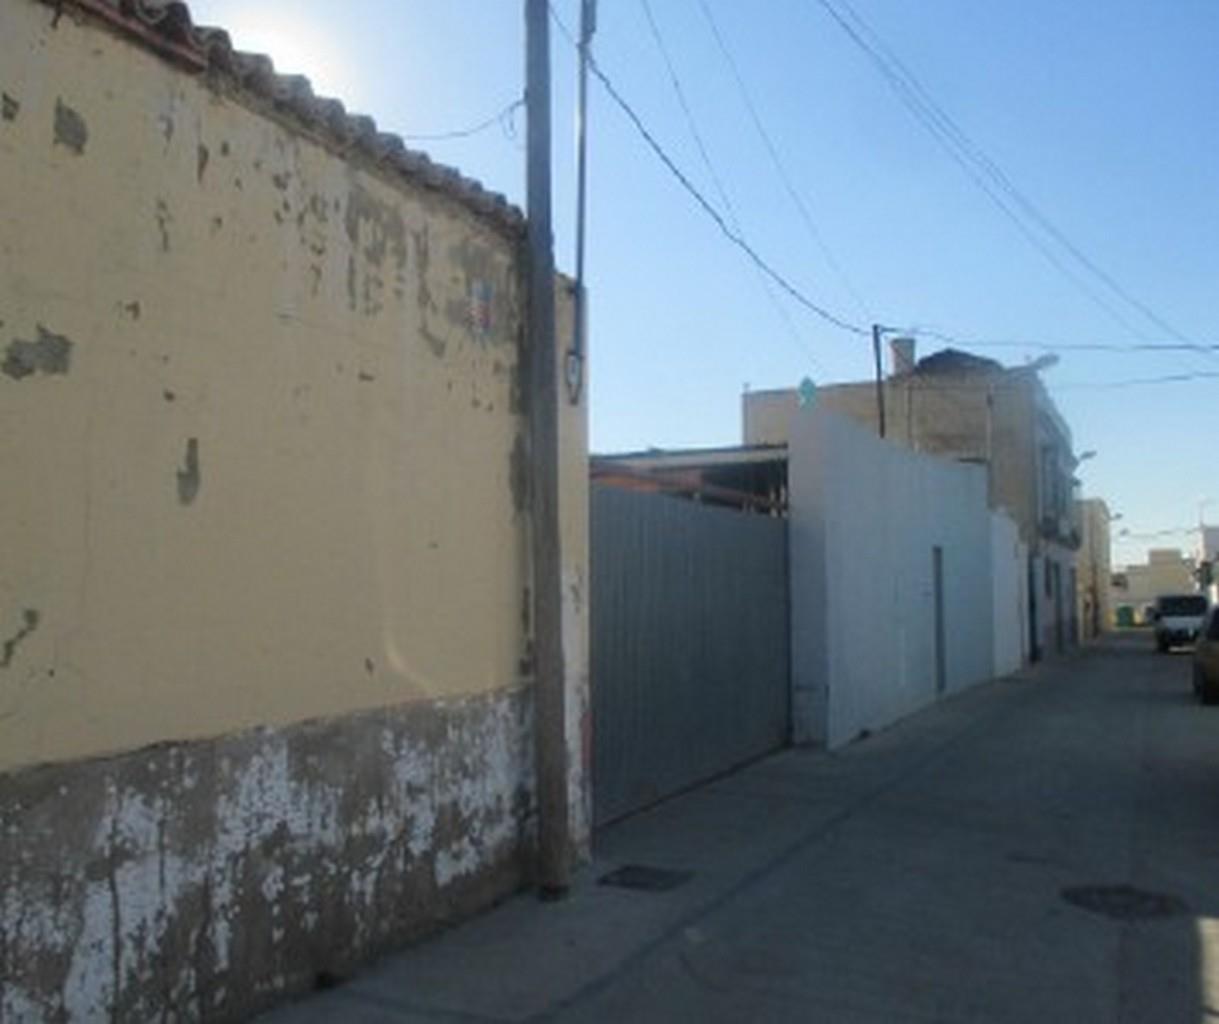 Industrial en venta en Jerez de la Frontera, Cádiz, Calle Tordo, 100.400 €, 188 m2